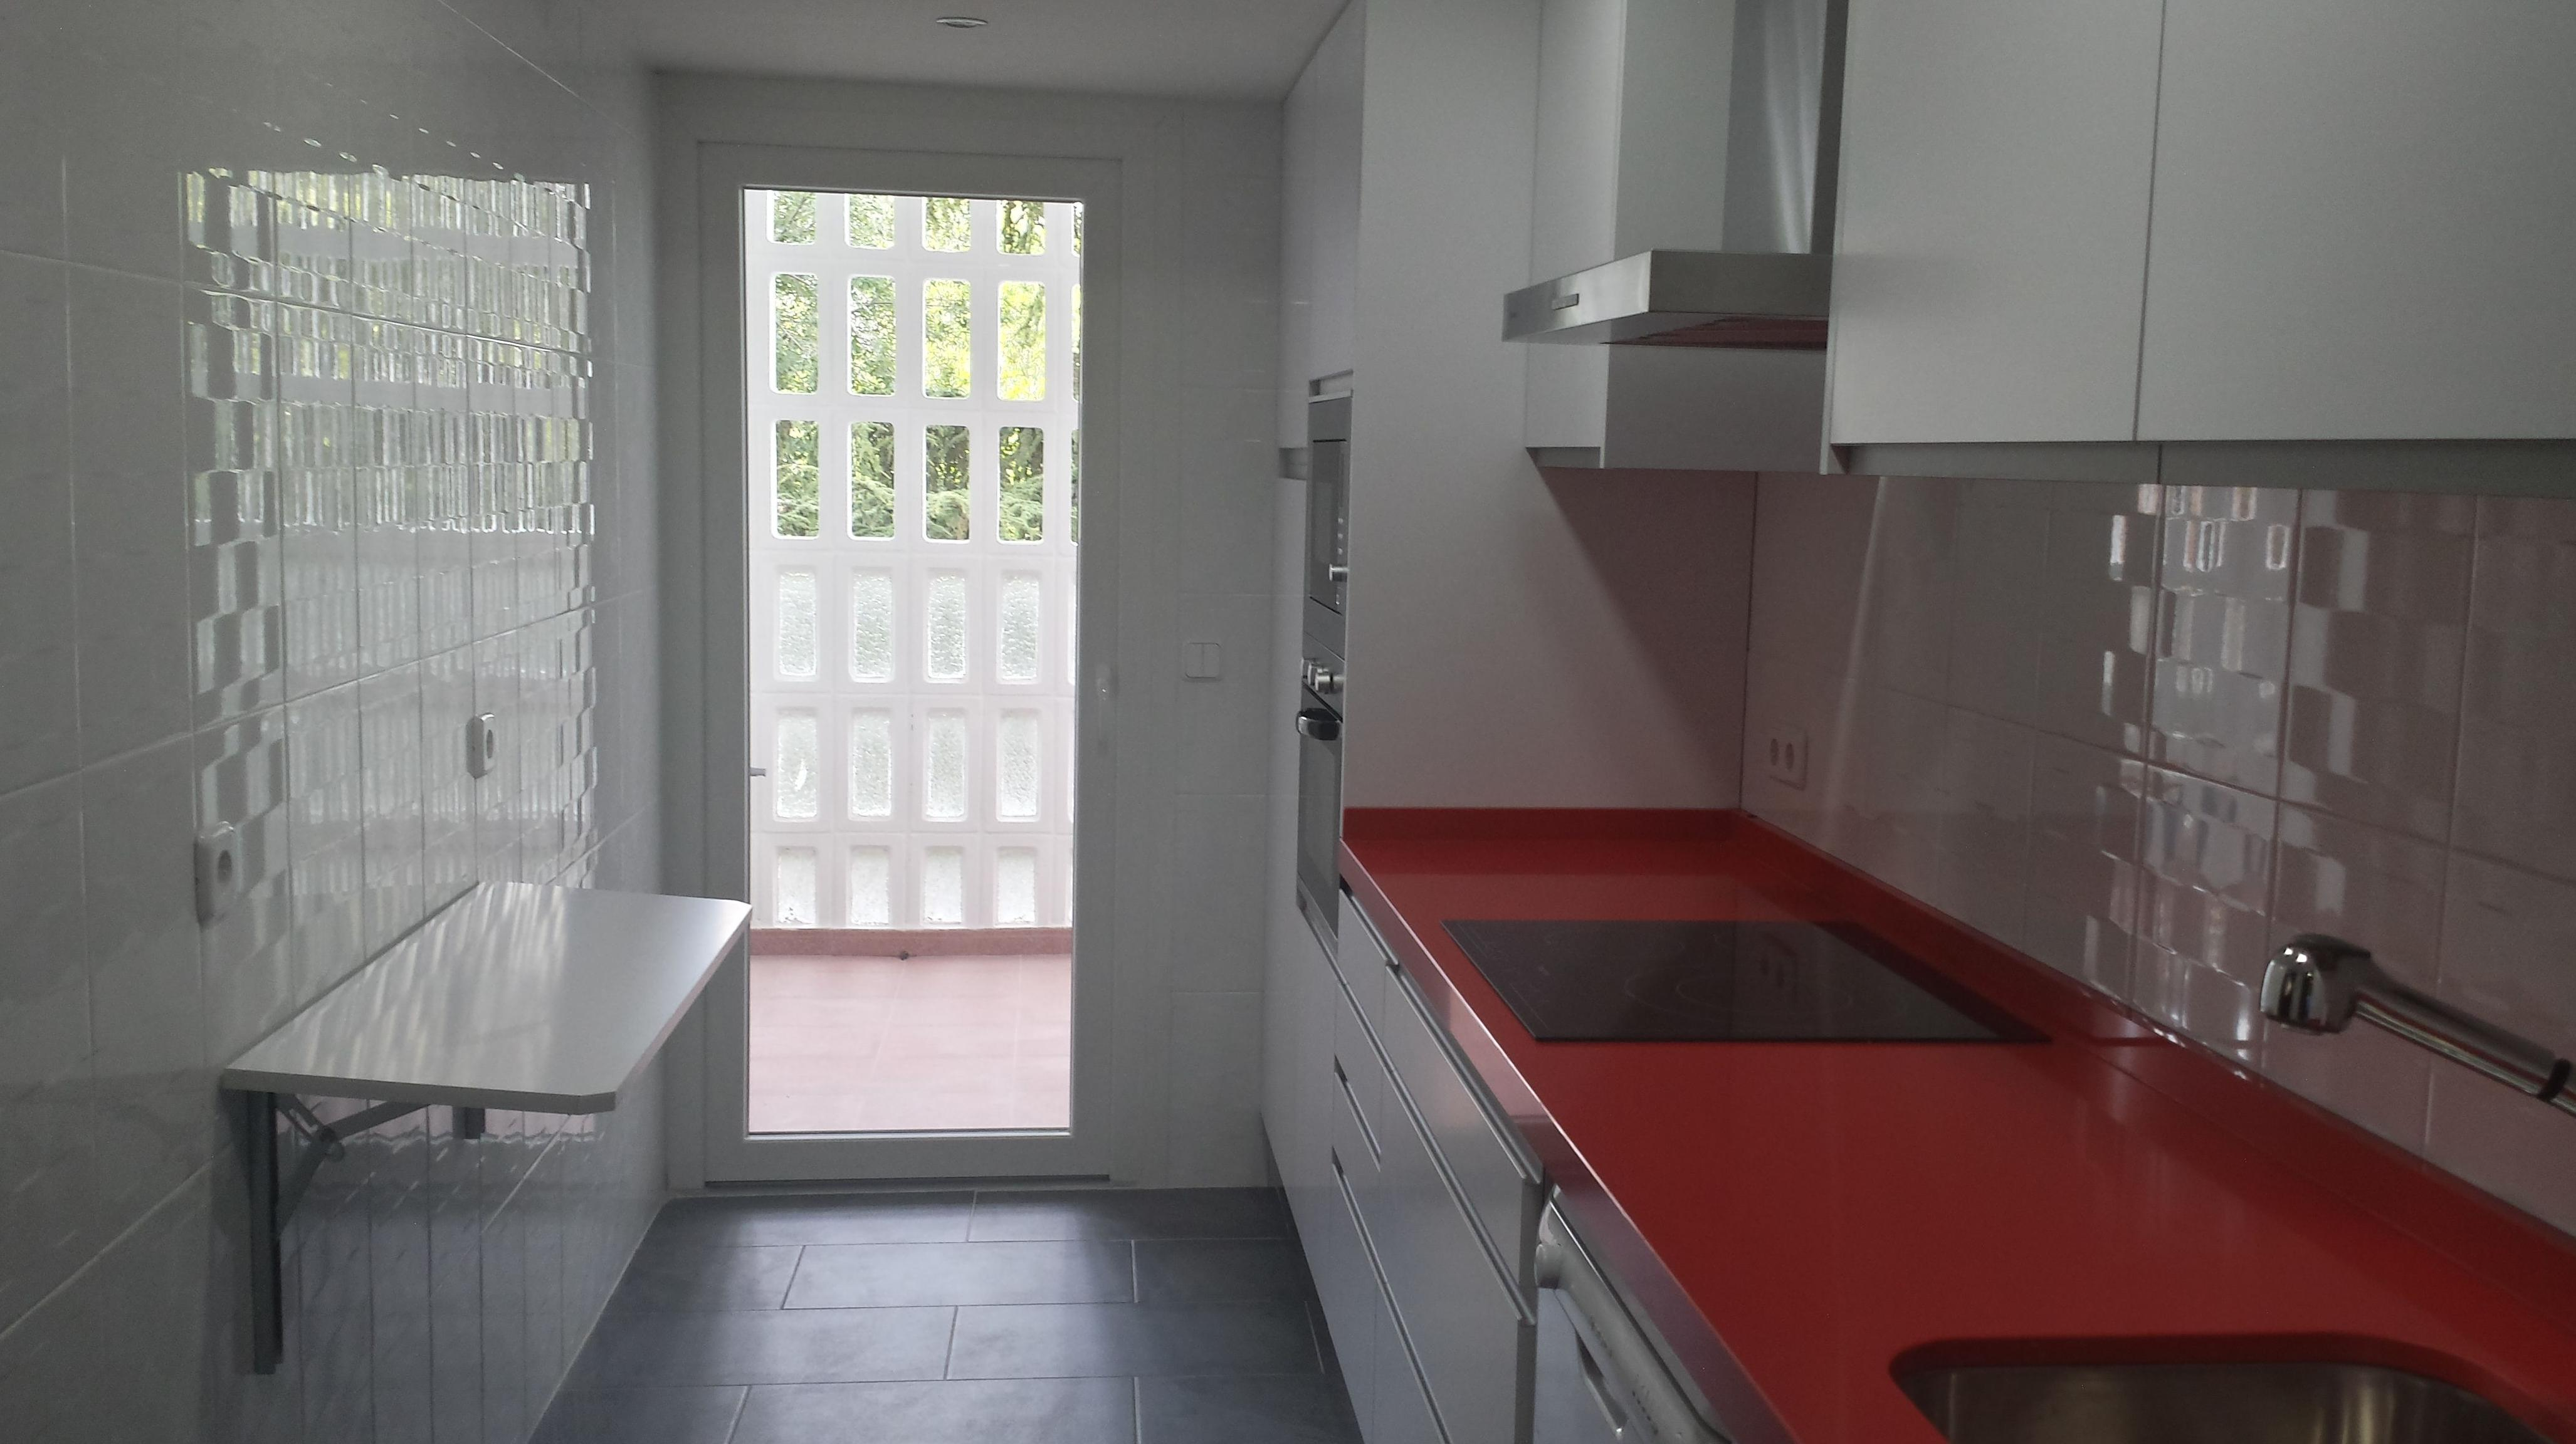 Cocinas en blanco y rojo beautiful mejores imgenes de for Cocina blanca encimera roja